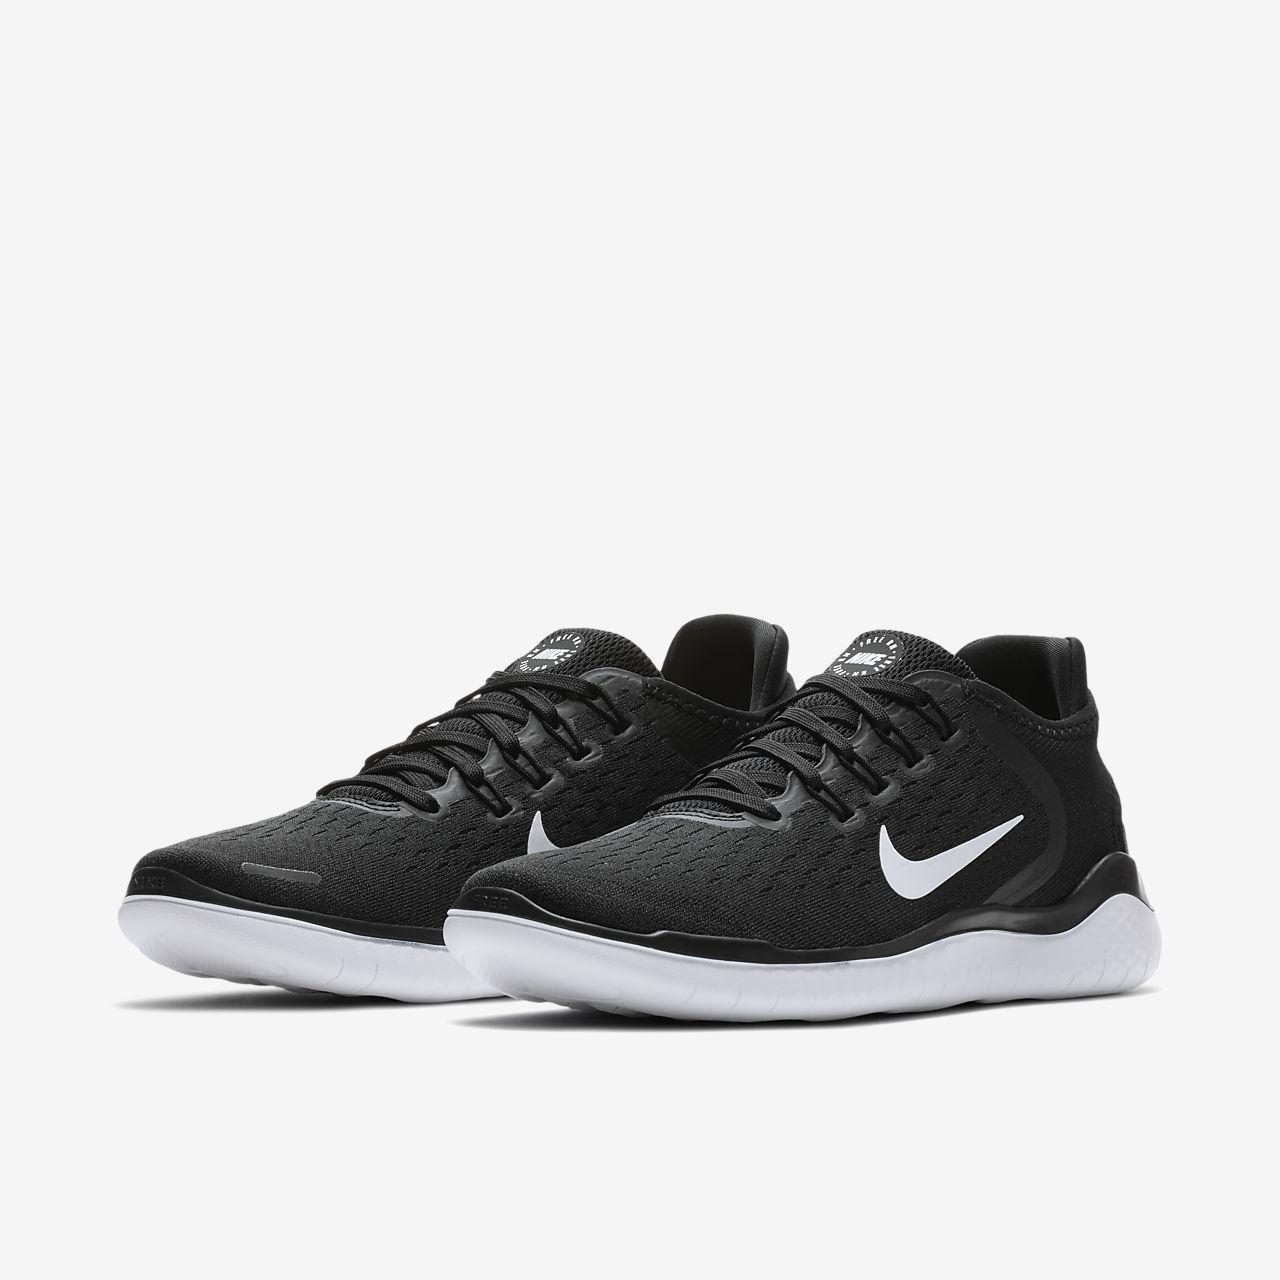 zapatos running nike free 2018 mujer